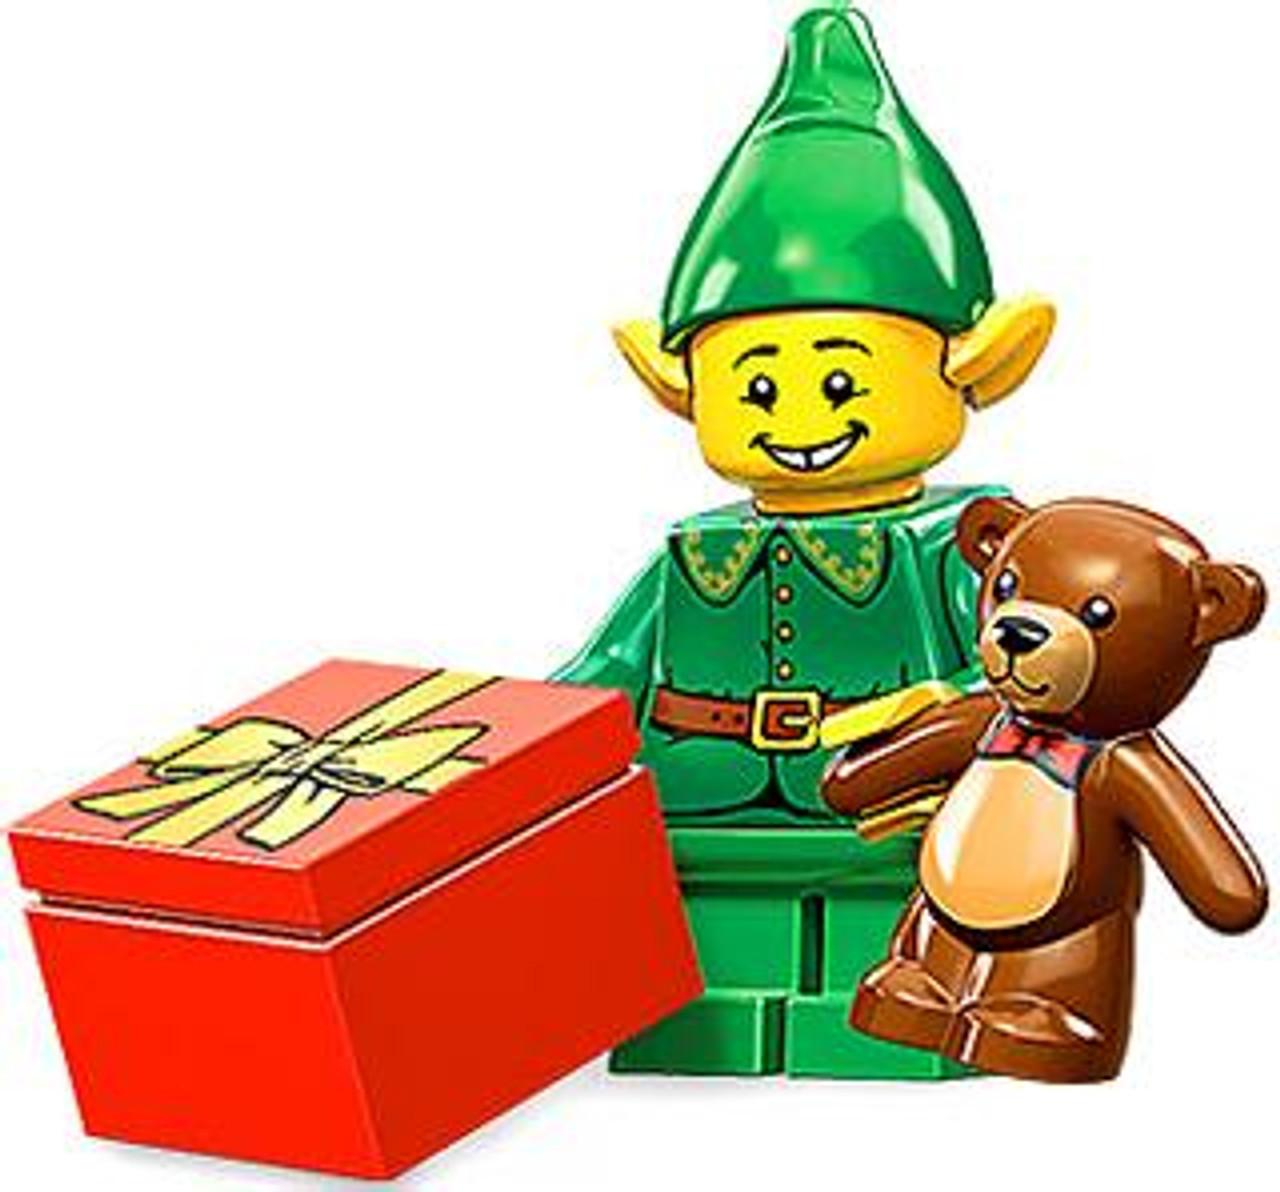 LEGO Minifigures Series 11 Holiday Elf Minifigure [Loose]